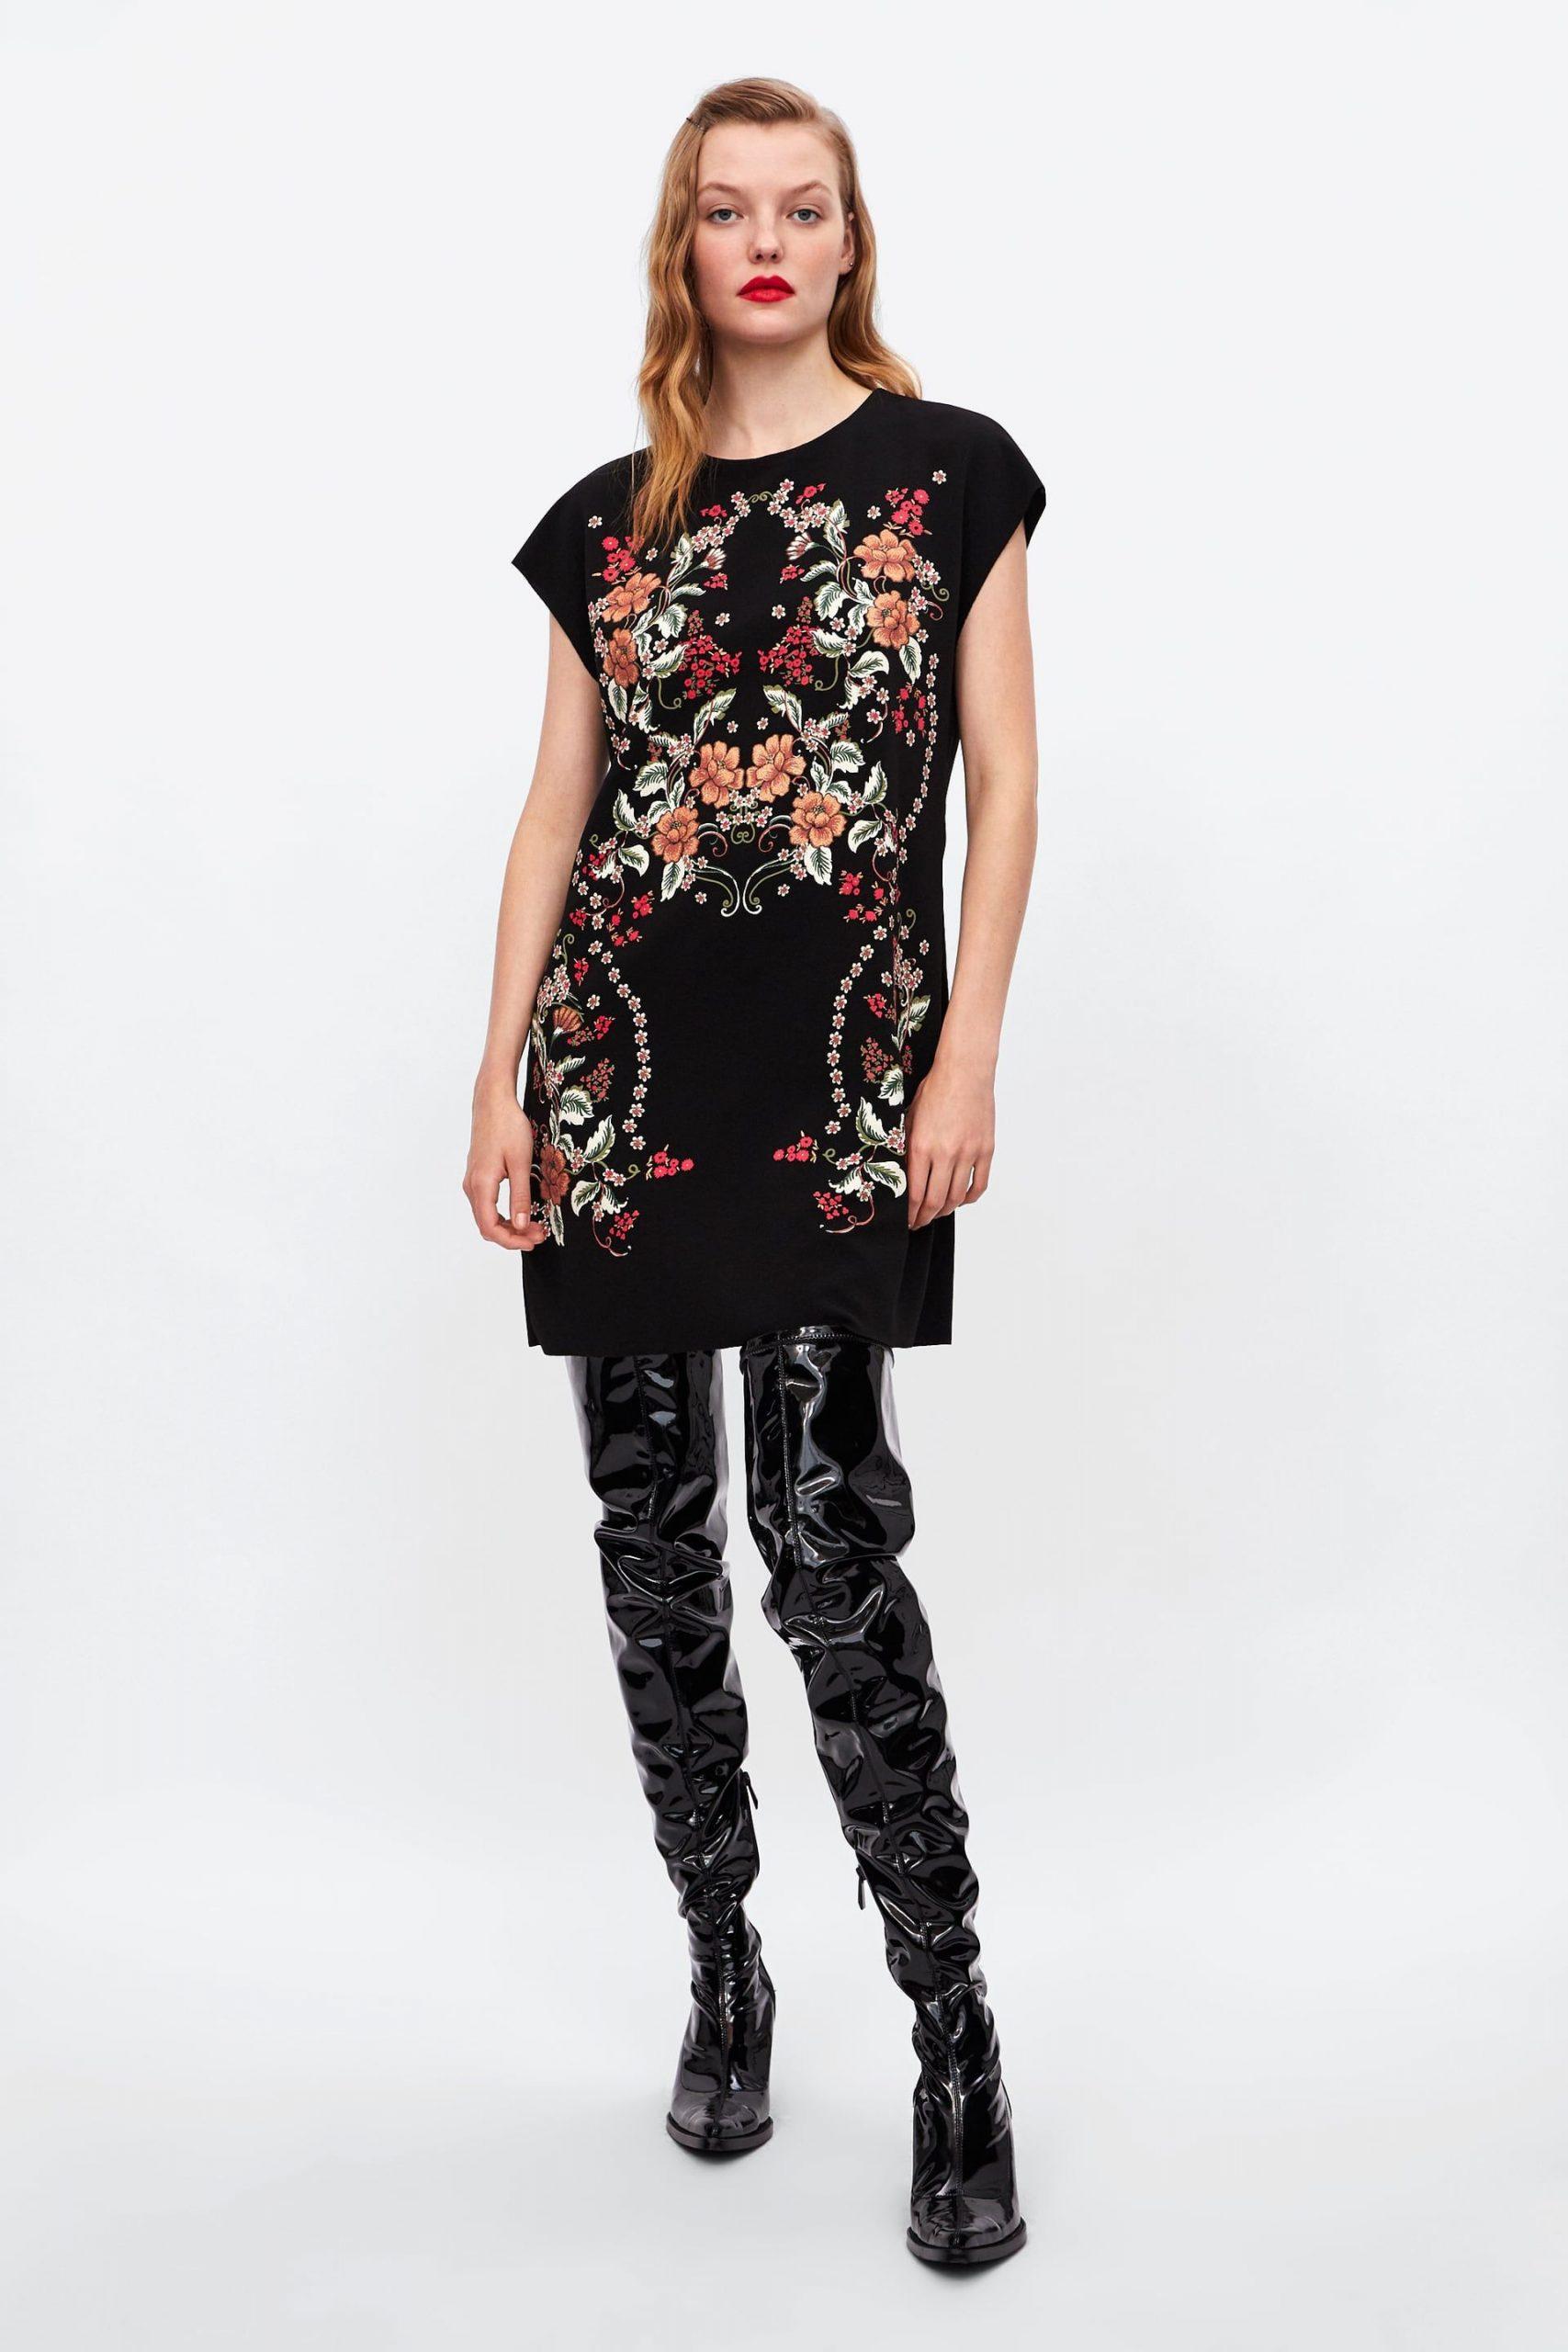 Zara  Sale  Kleid Mit Gummiertem Print  Kleider Für